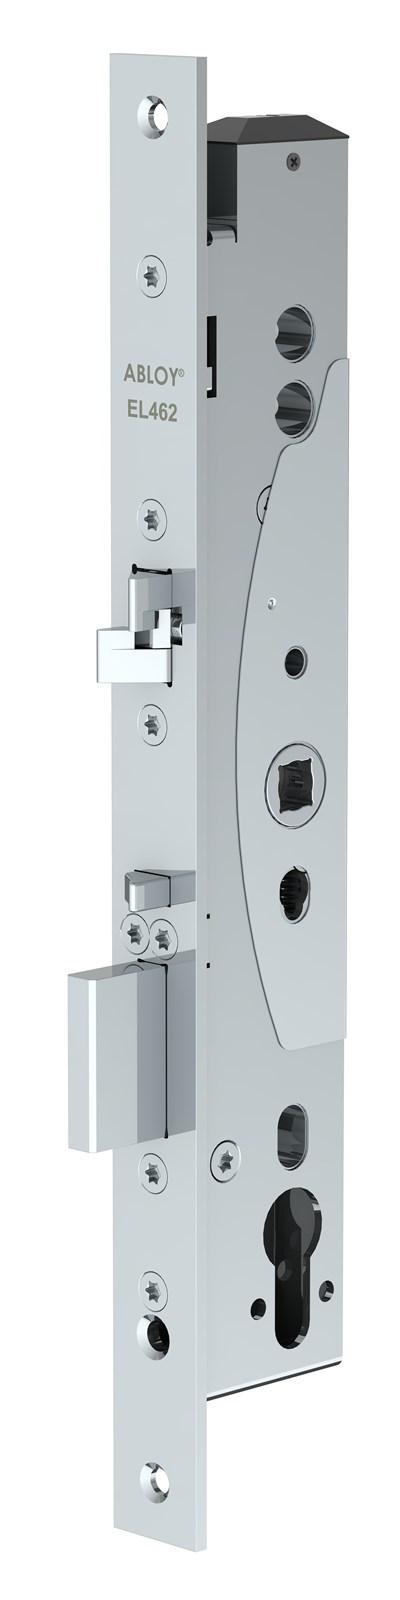 Lock case EL462